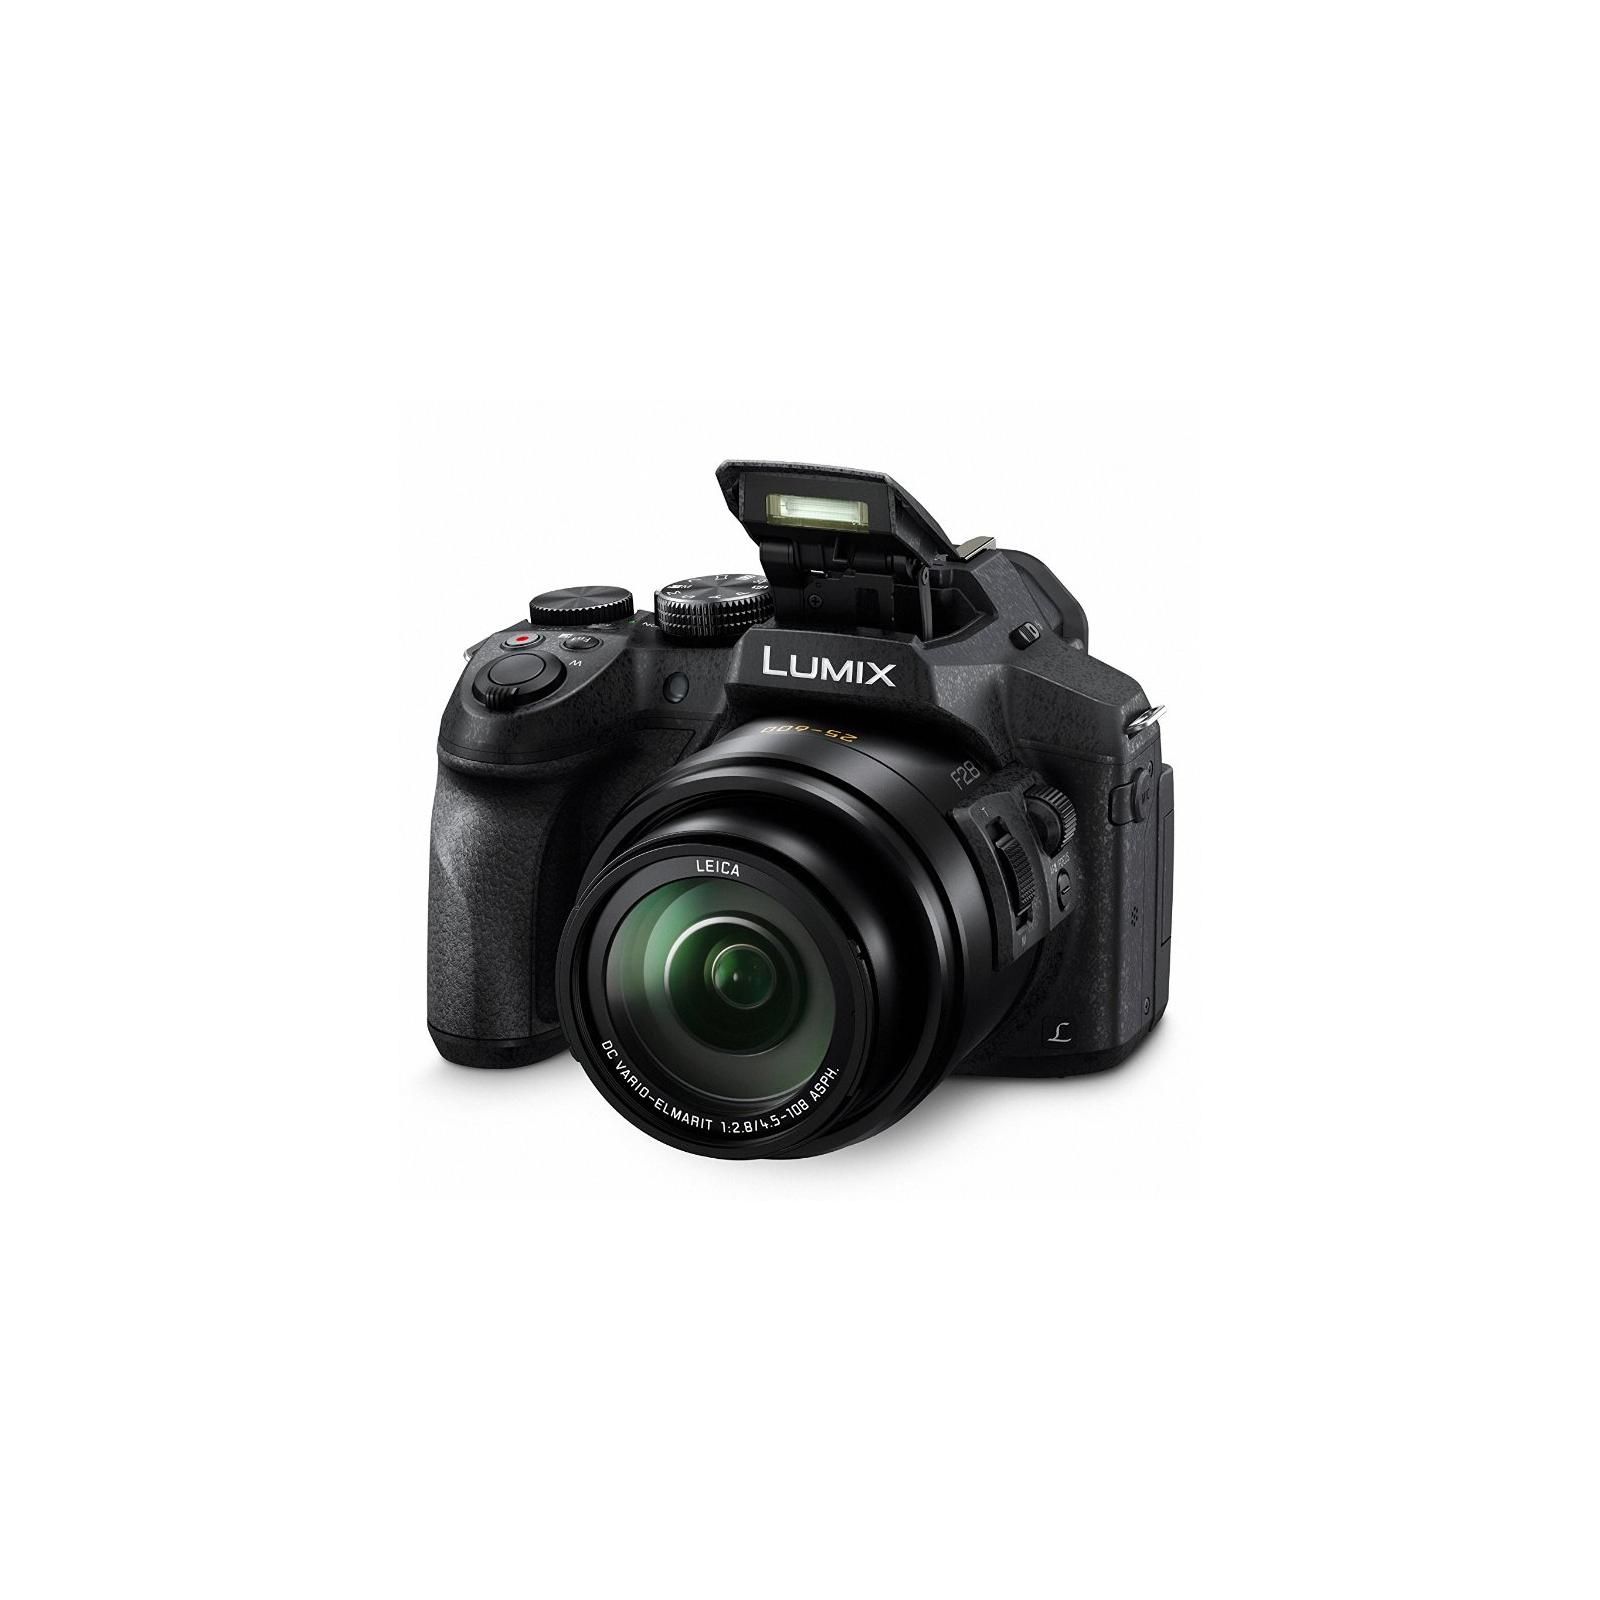 Цифровой фотоаппарат PANASONIC DMC-FZ300 (DMC-FZ300EEK) изображение 8